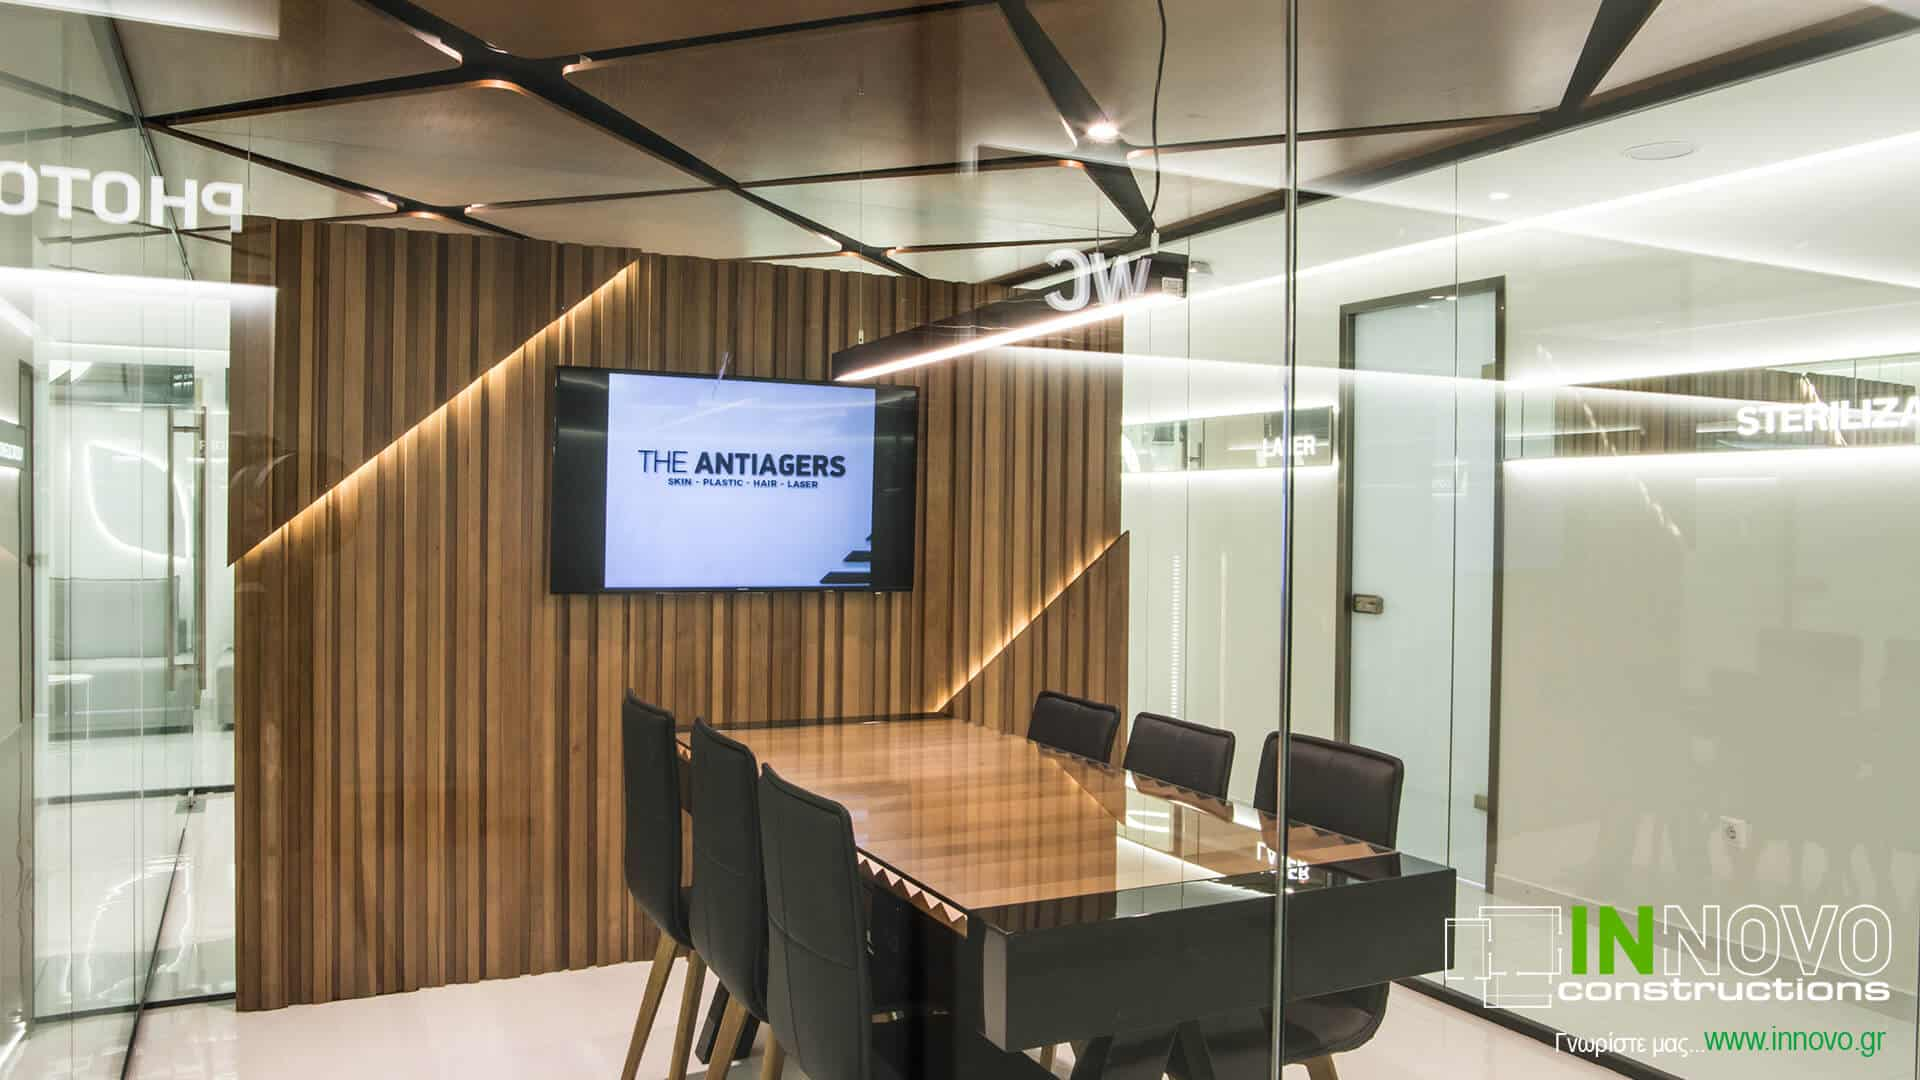 Από την Innovo σχεδιασμός επίπλωσης Ιατρείου Πλαστικής